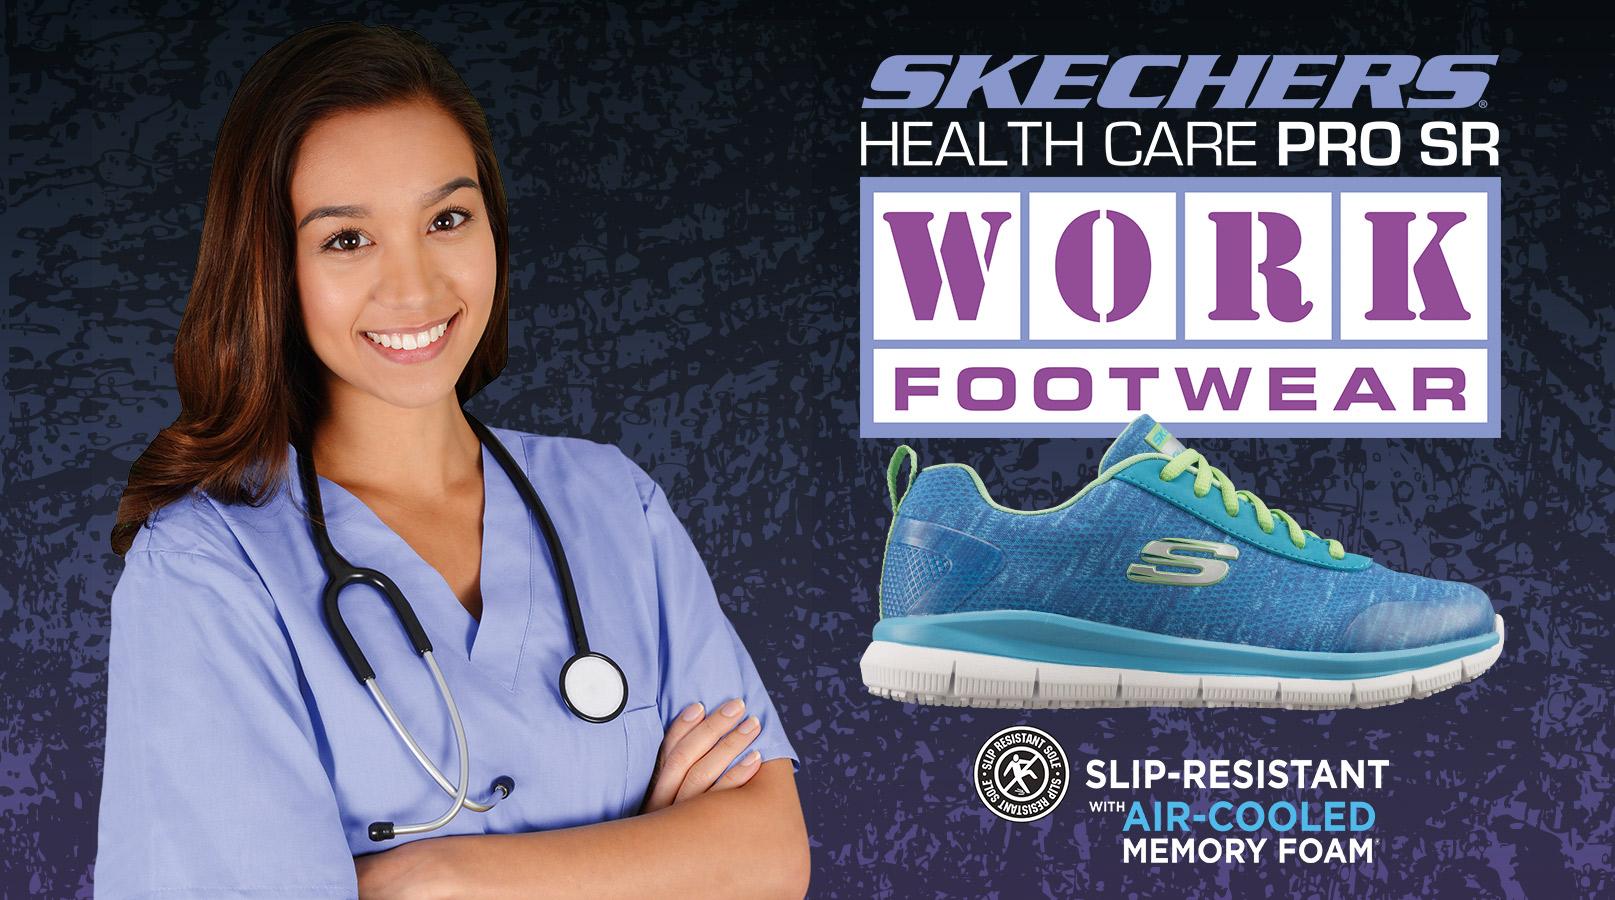 lo mismo Geología Cambio  Skechers Health Care Pro Work Footwear